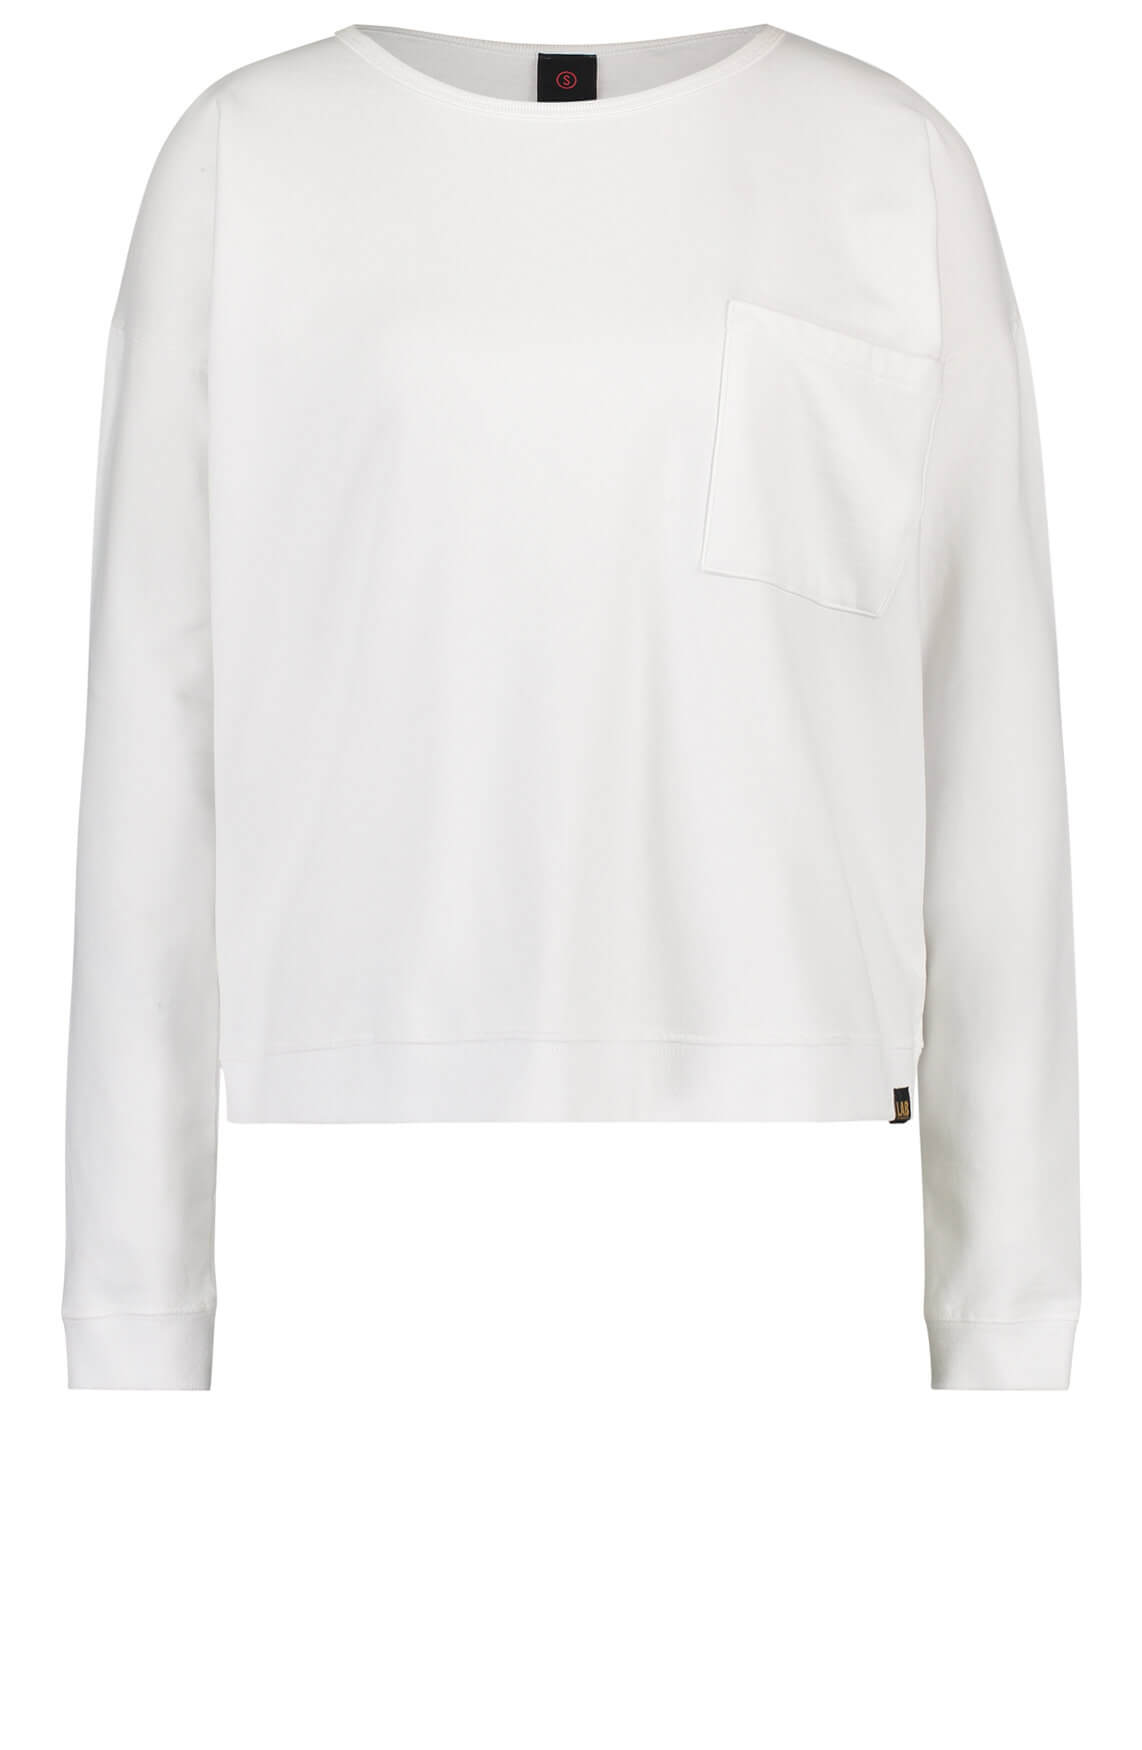 Penn & Ink Dames Sweater met tekstprint wit